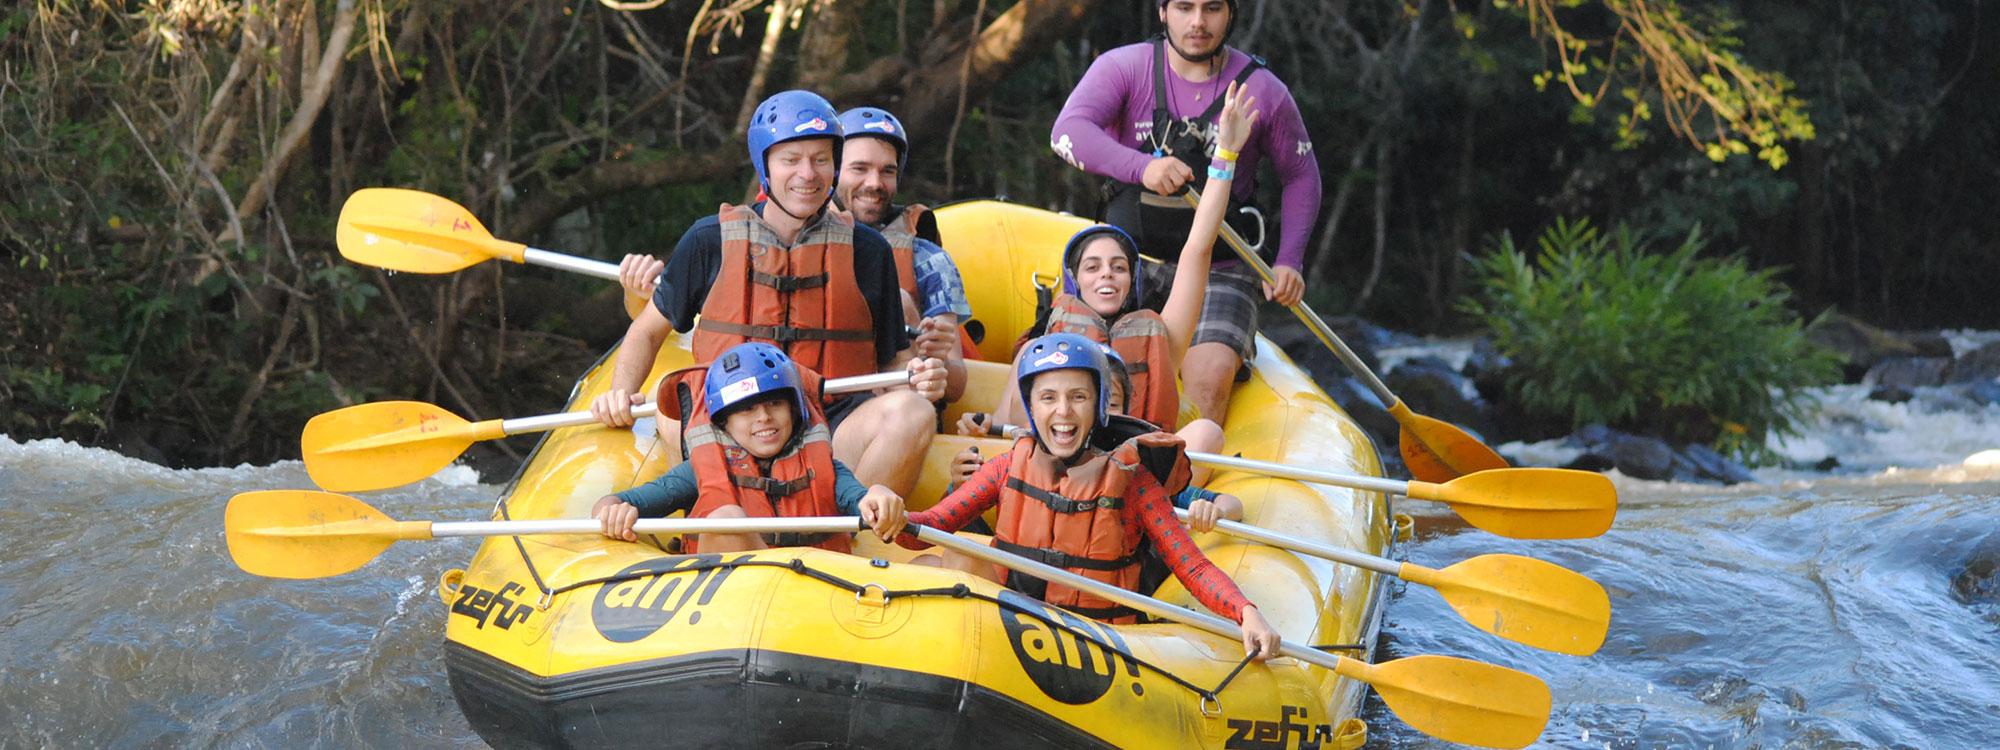 rafting em brotas sp